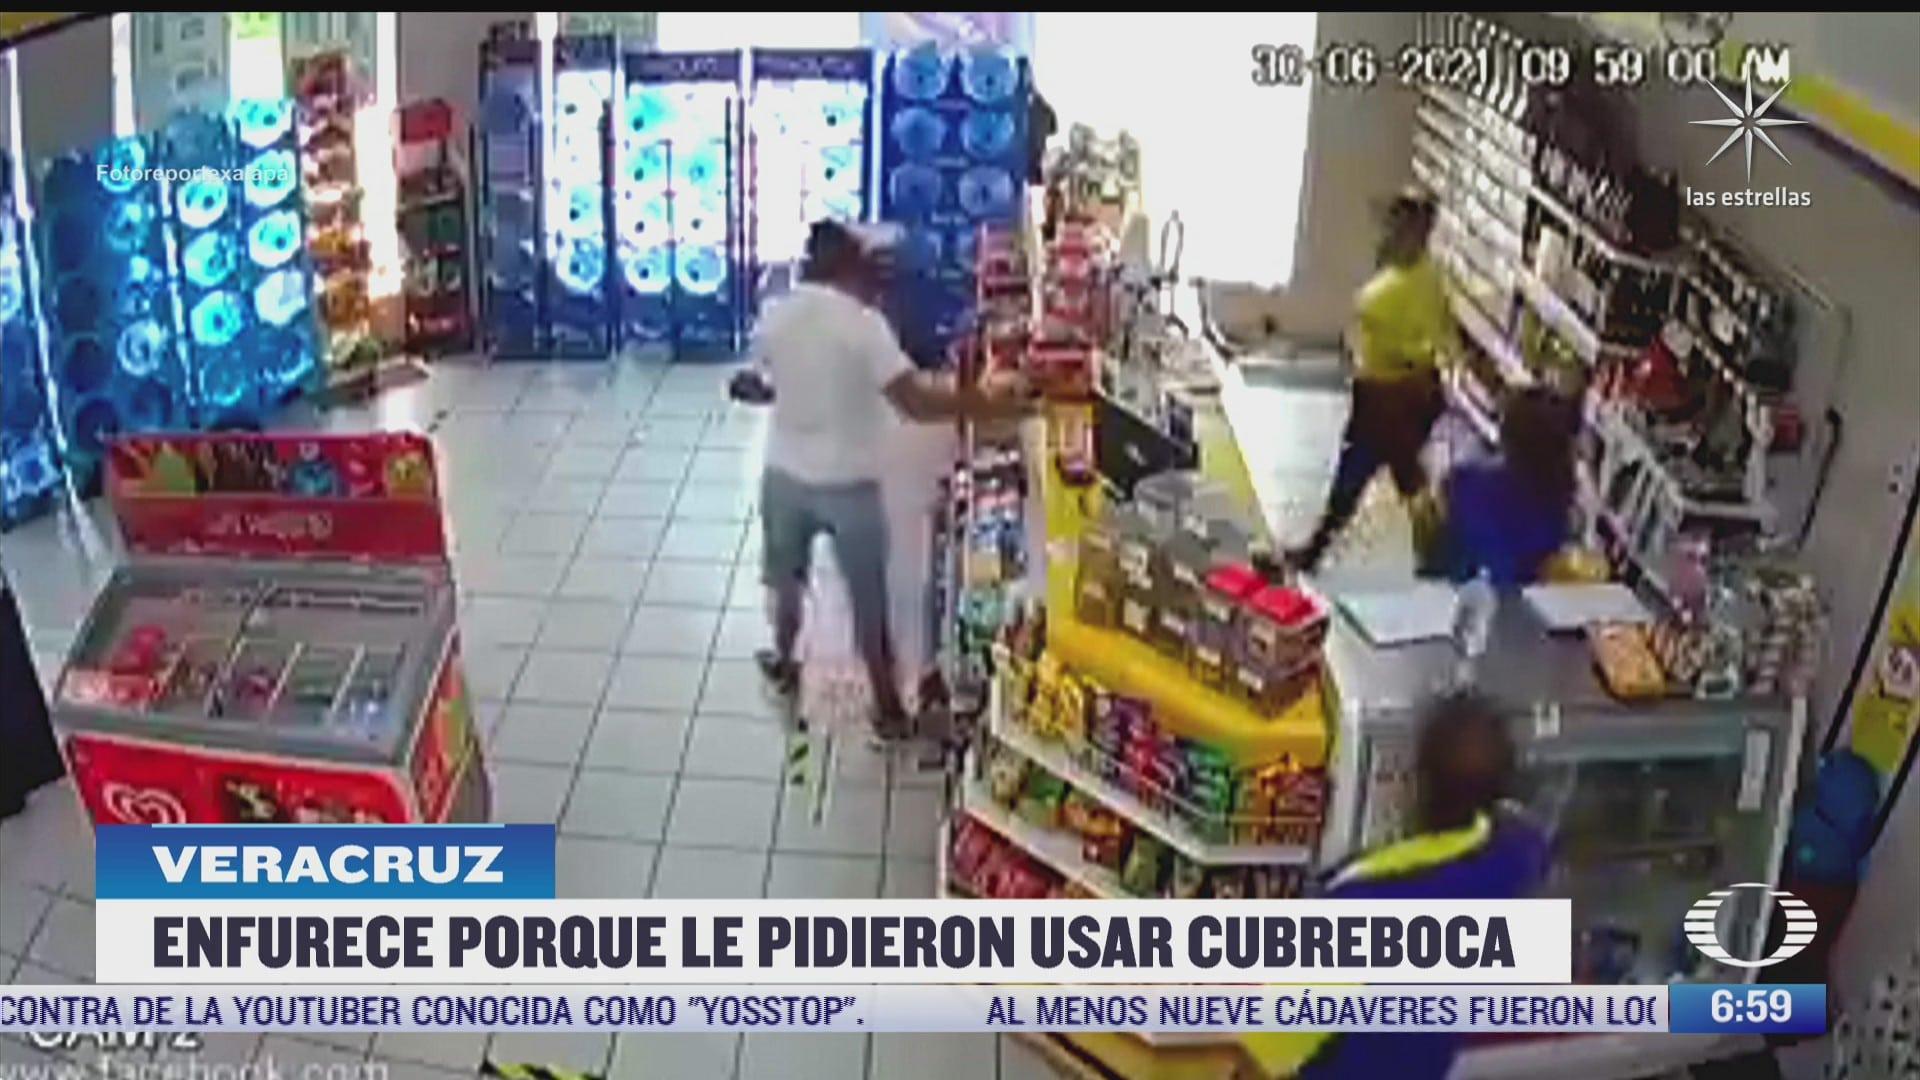 clienta golpea a cajera que le pidio usar cubrebocas